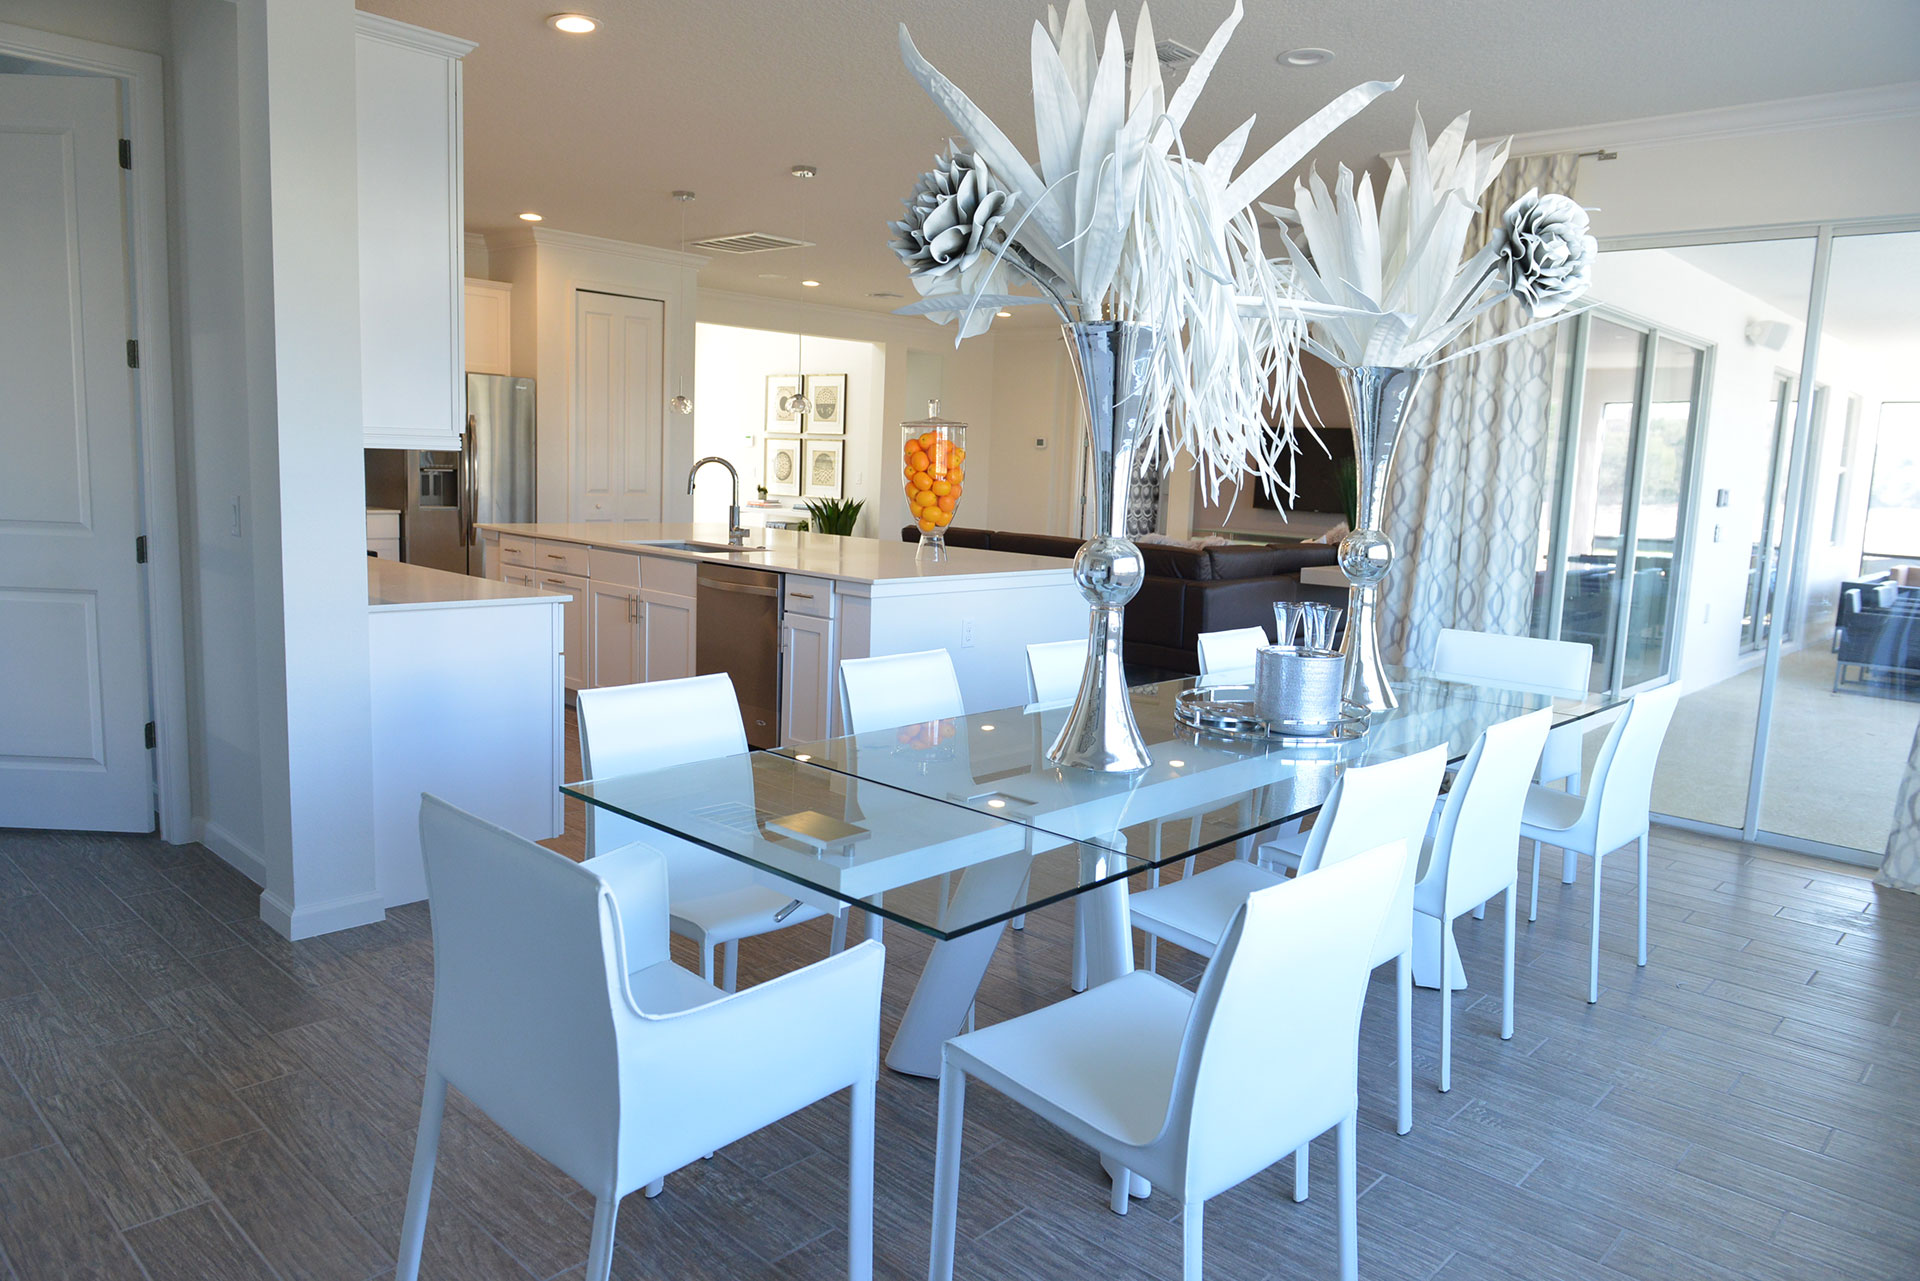 model-home-sonoma-resort-07.jpg